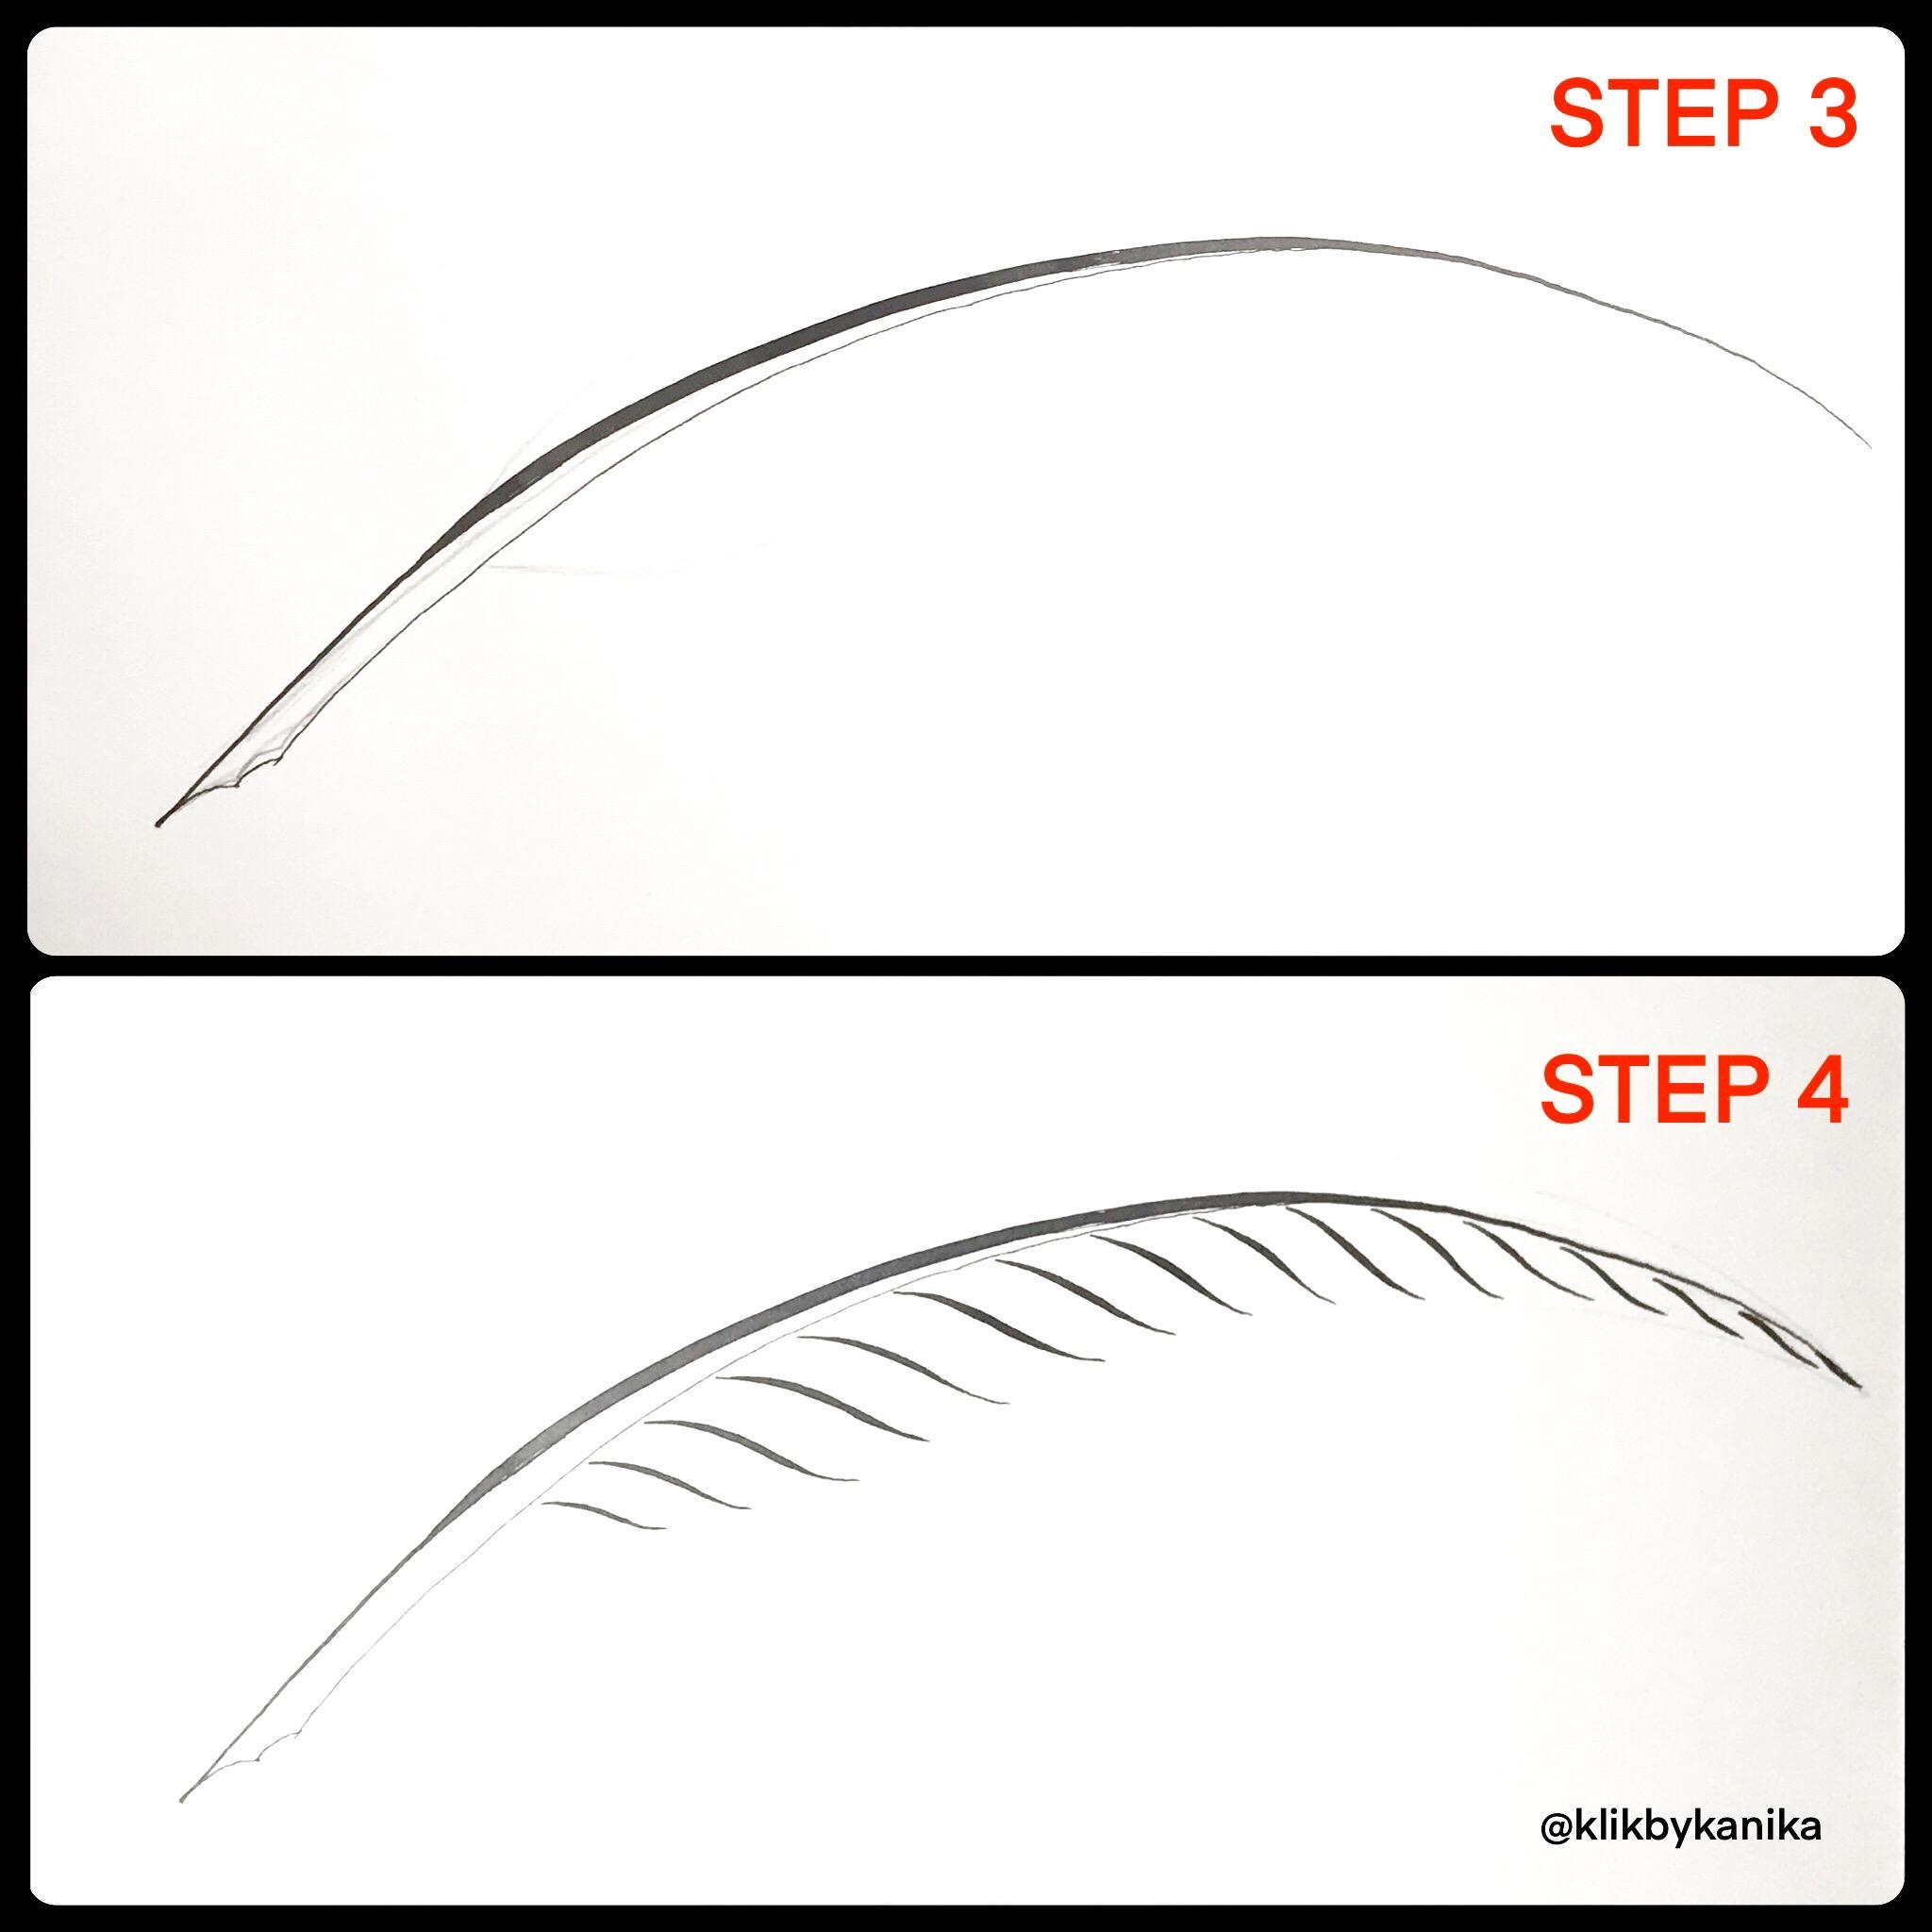 step 3/4 kanika